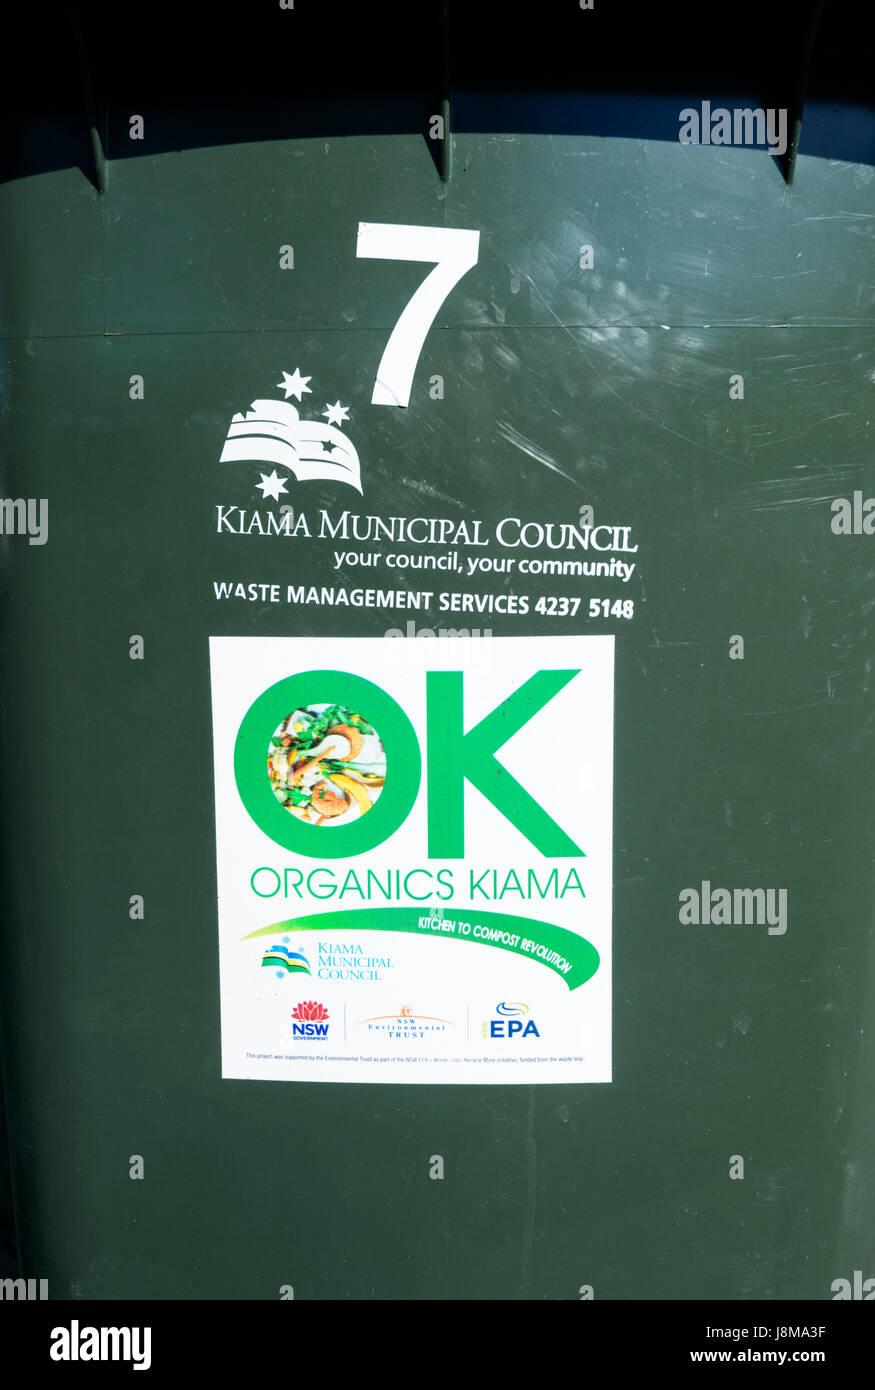 Signo de reciclaje en una bandeja para el abono de productos orgánicos, Kiama, Nueva Gales del Sur (NSW, Australia Imagen De Stock